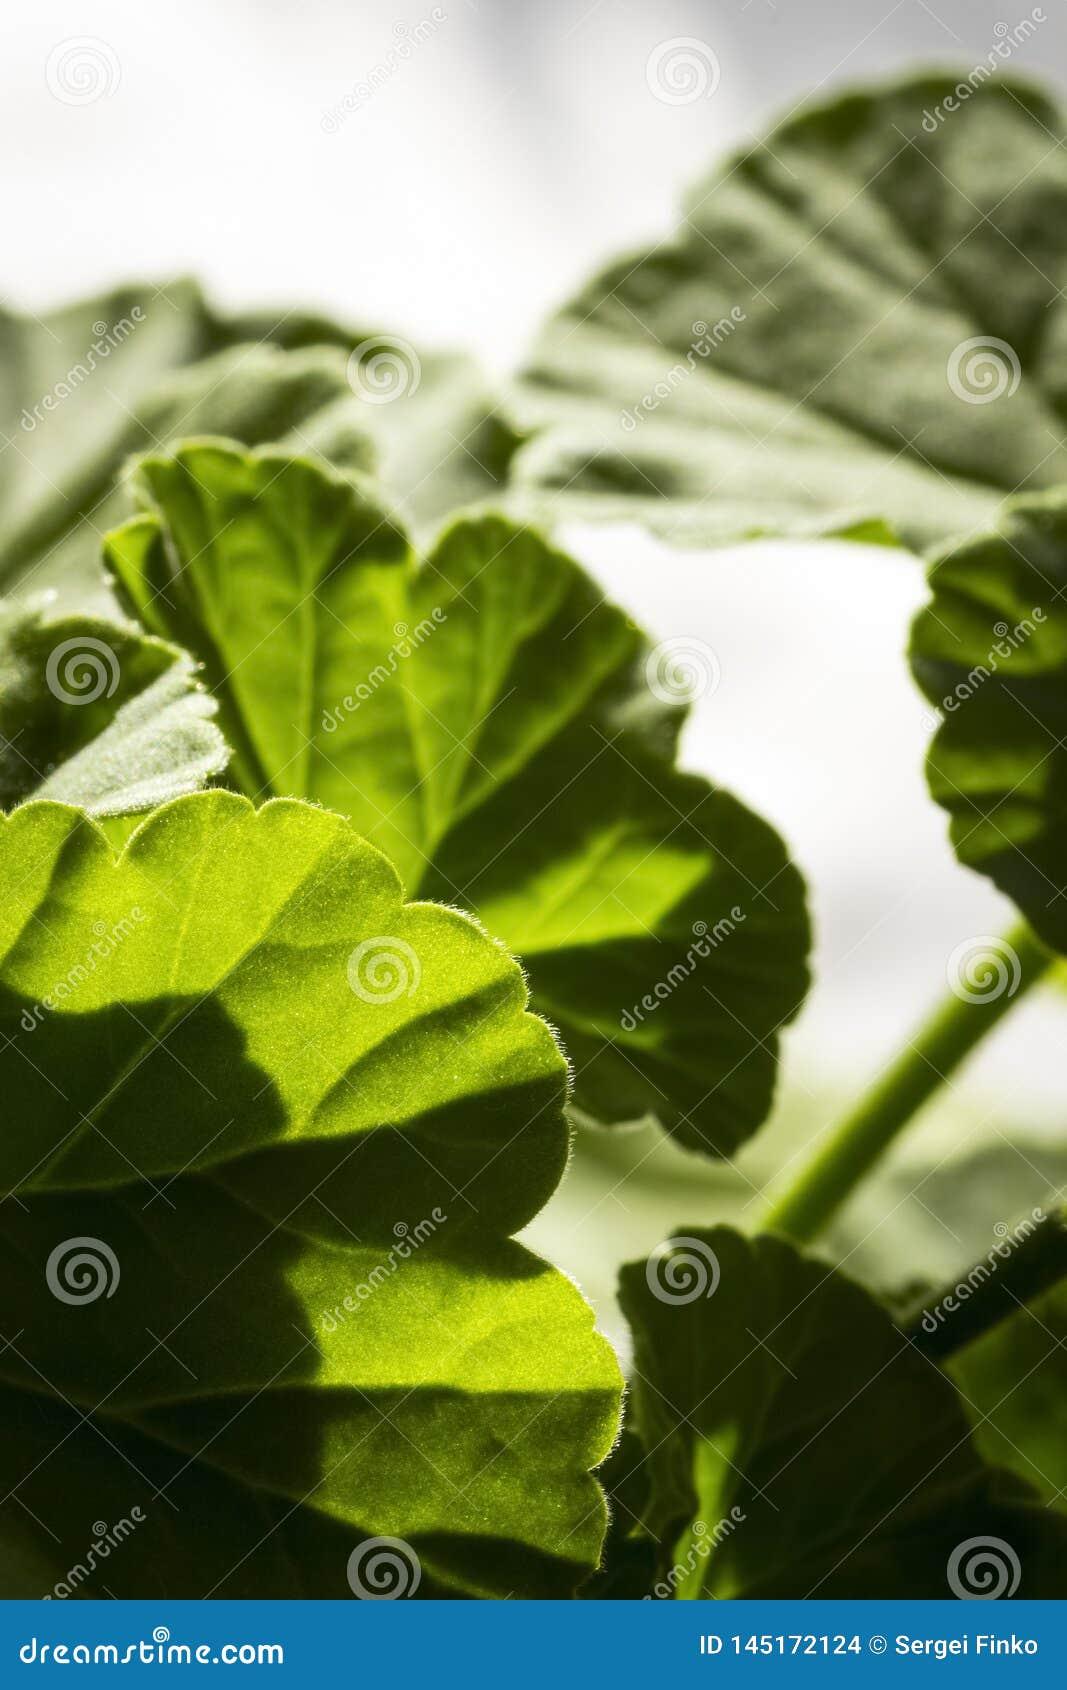 Leaves of geranium